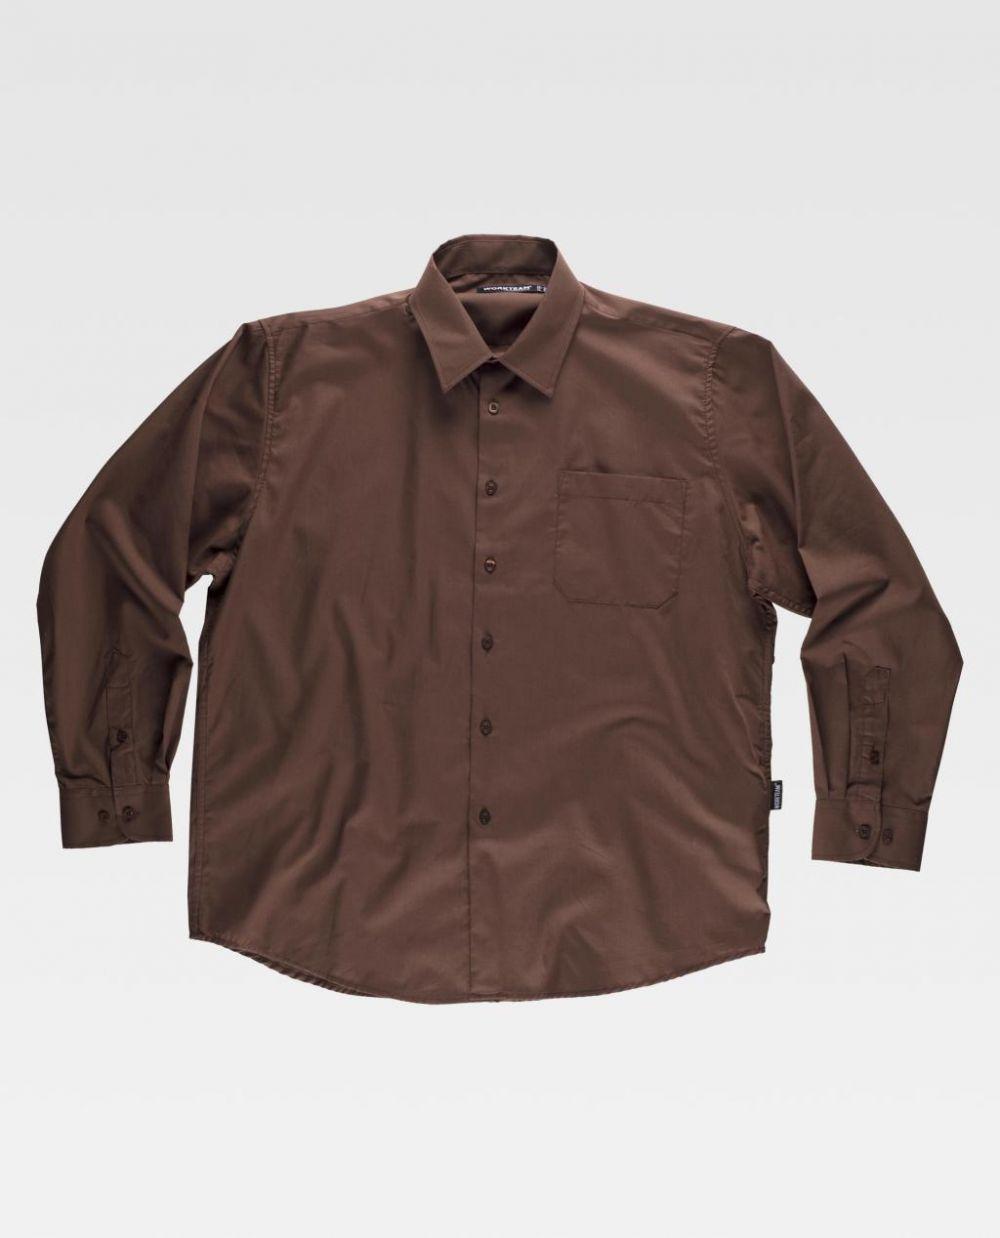 Camisas de trabajo workteam cuello clasico y un bolsillo de poliéster para personalizar vista 1